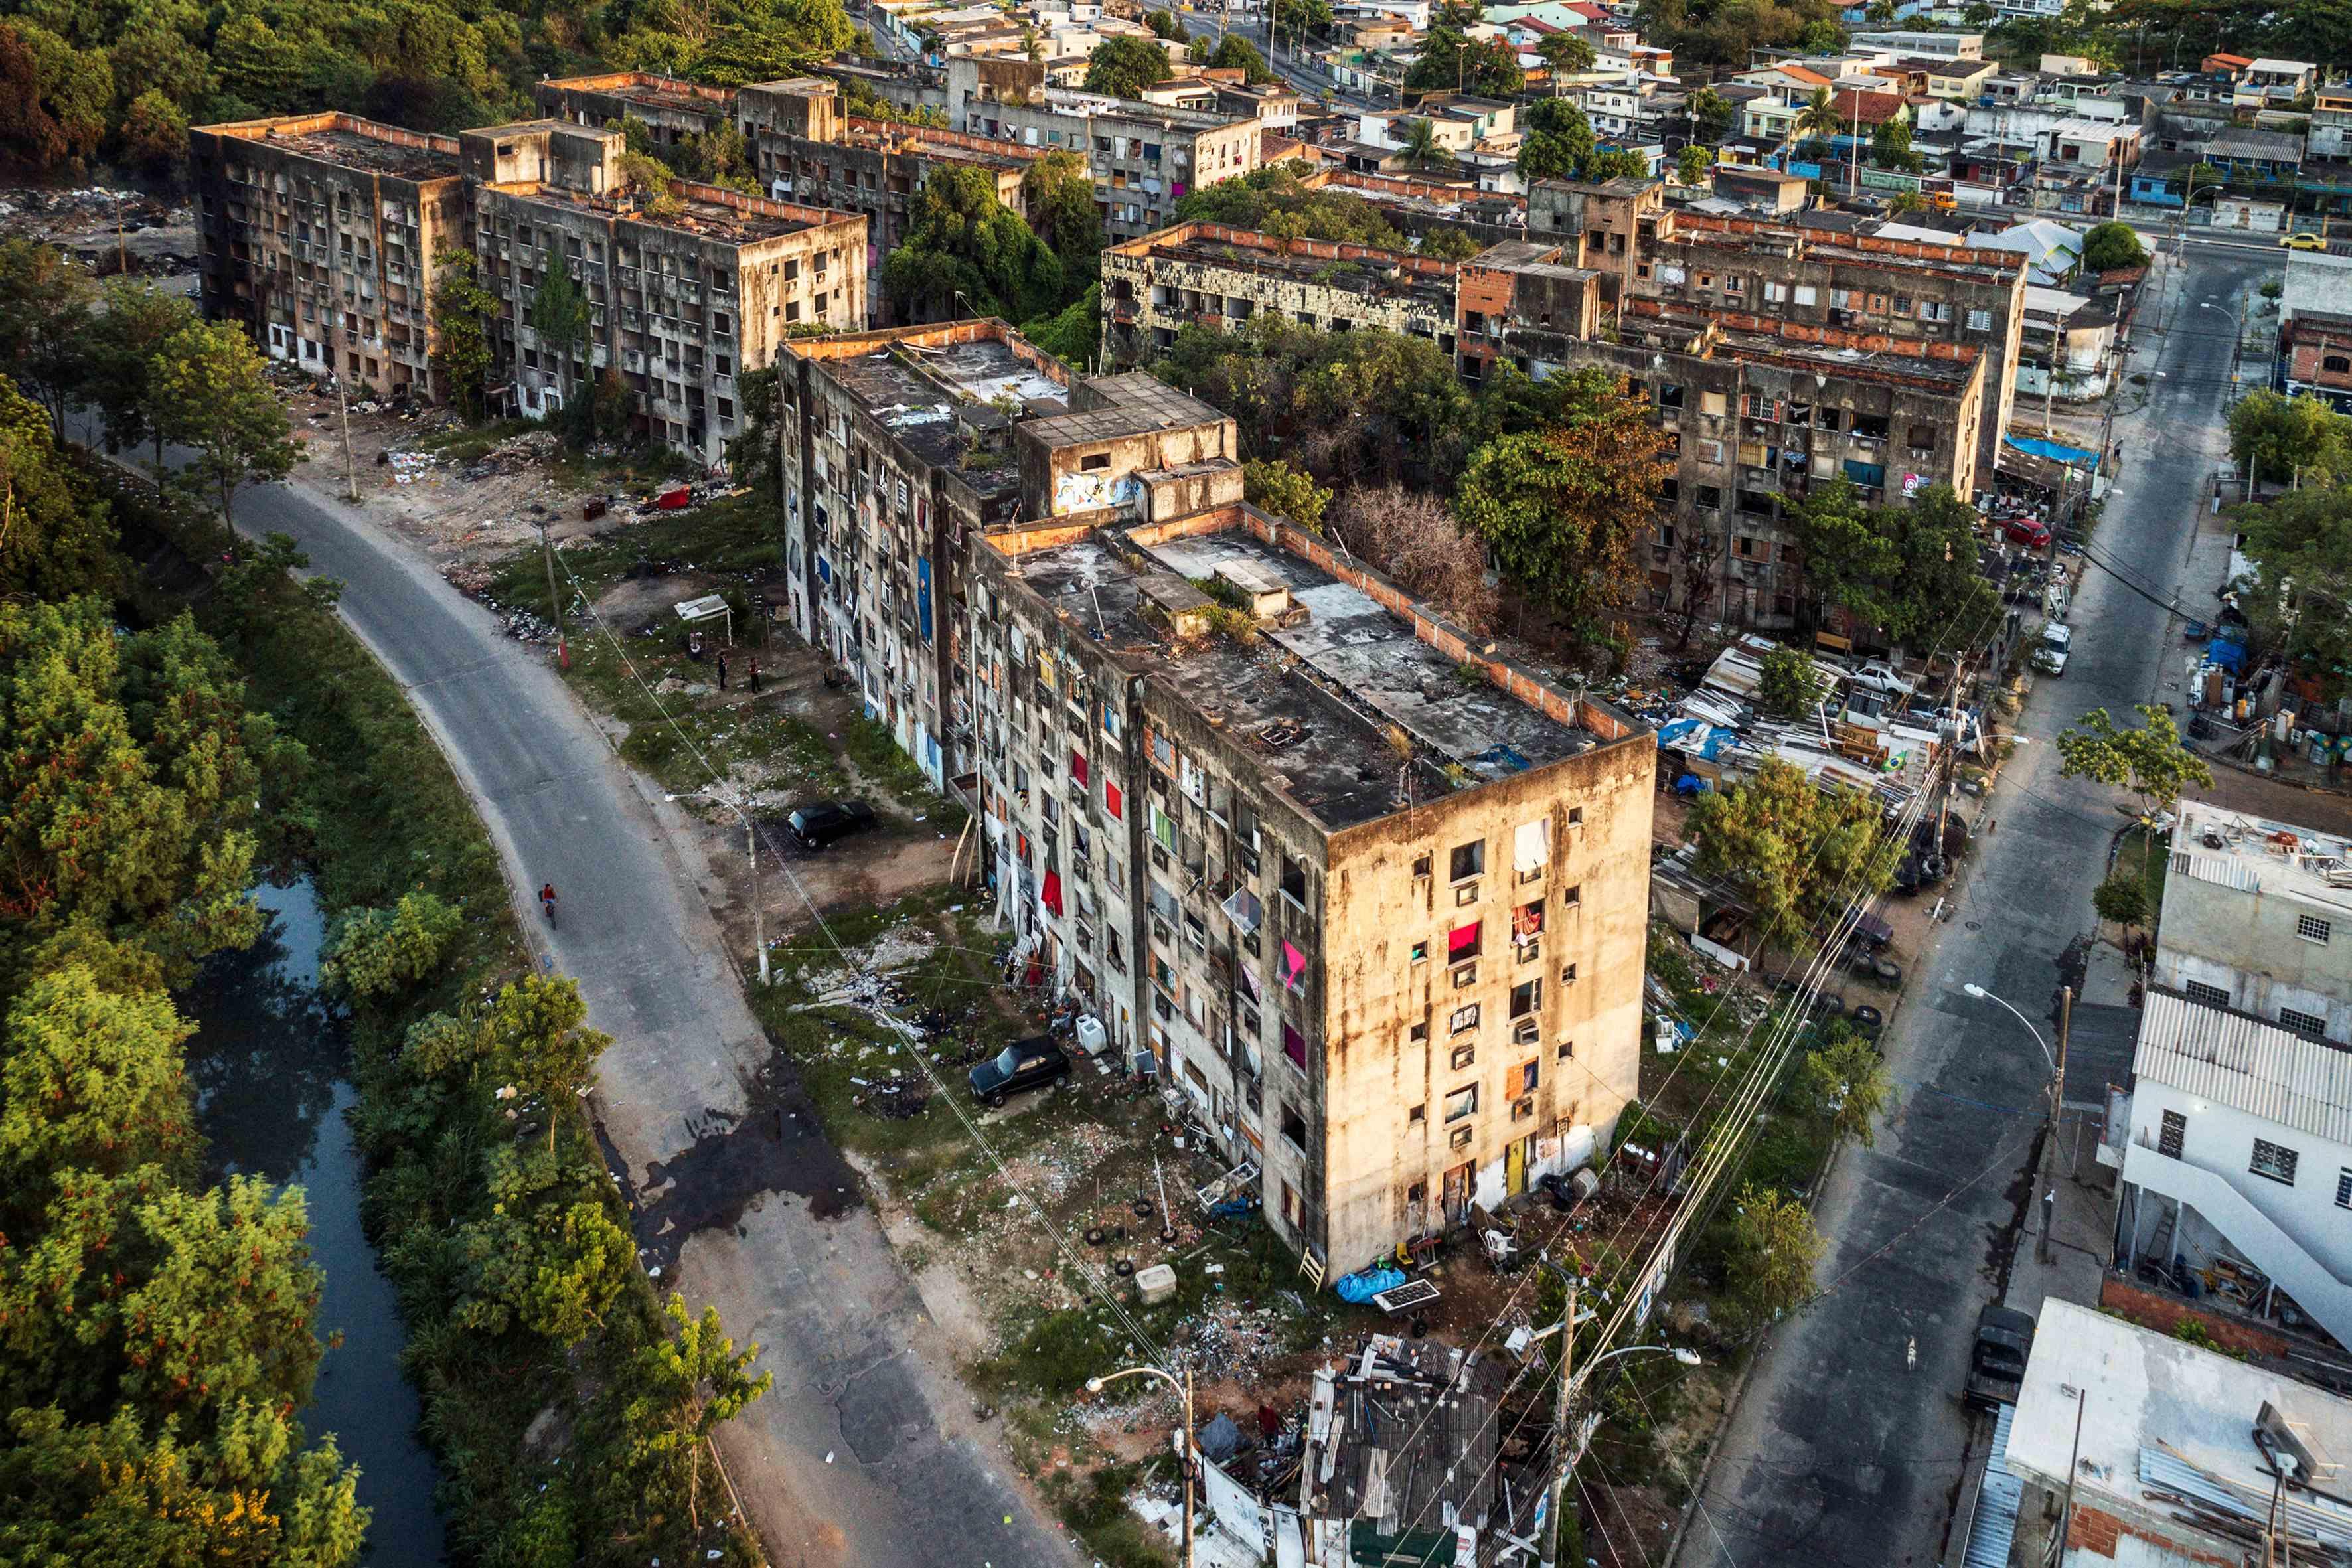 Copacabana Palace, um squatter complex, onde vivem mais de 300 famílias / Peter Bauza